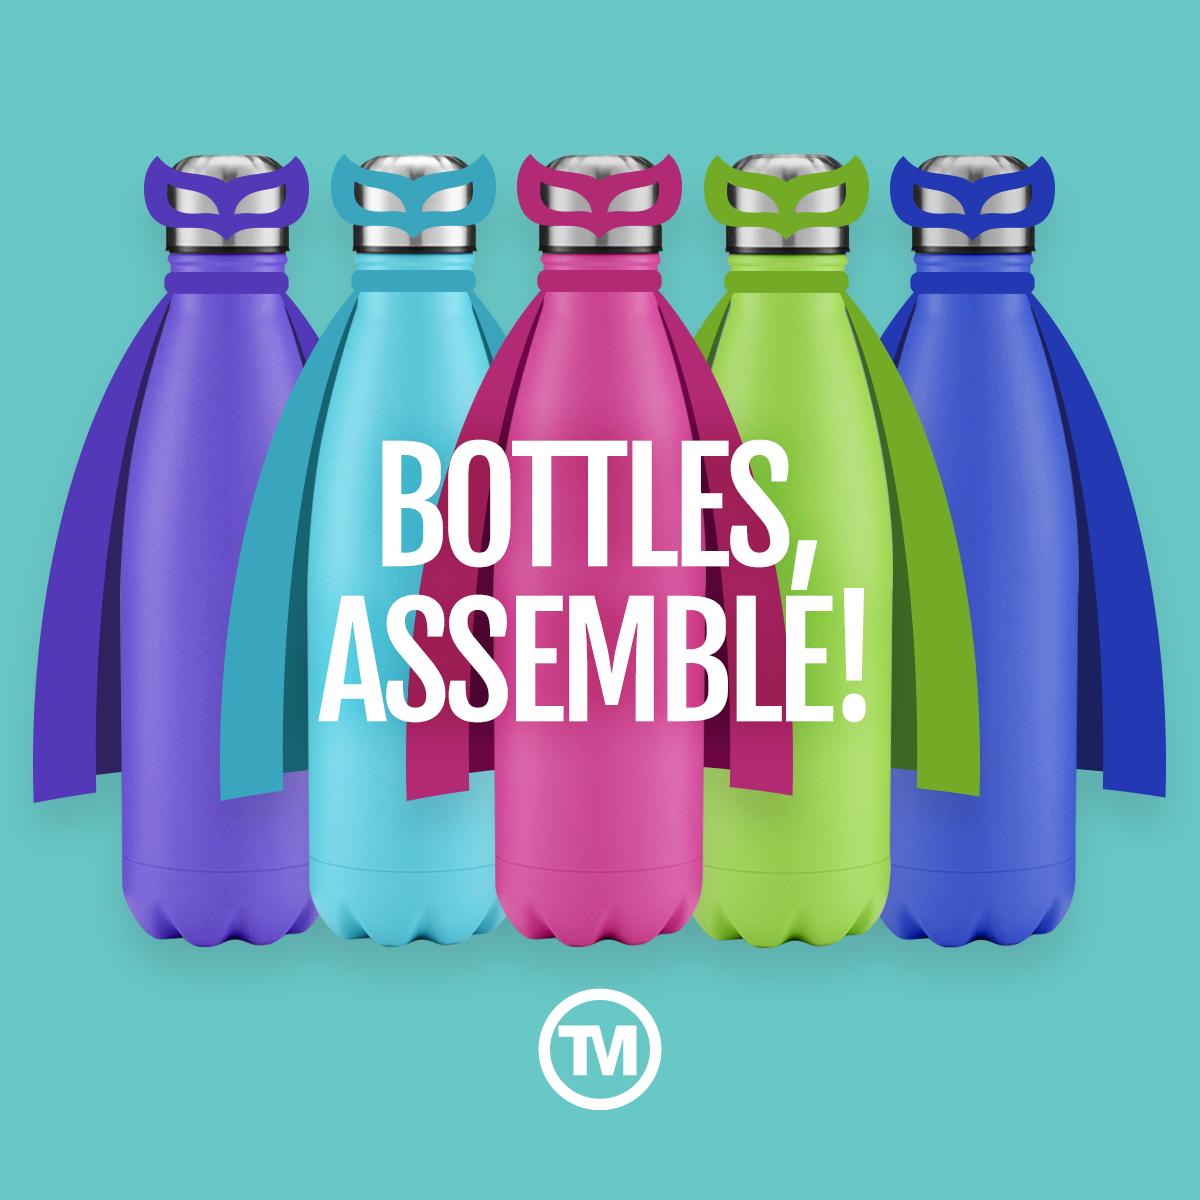 Branded metal water bottles